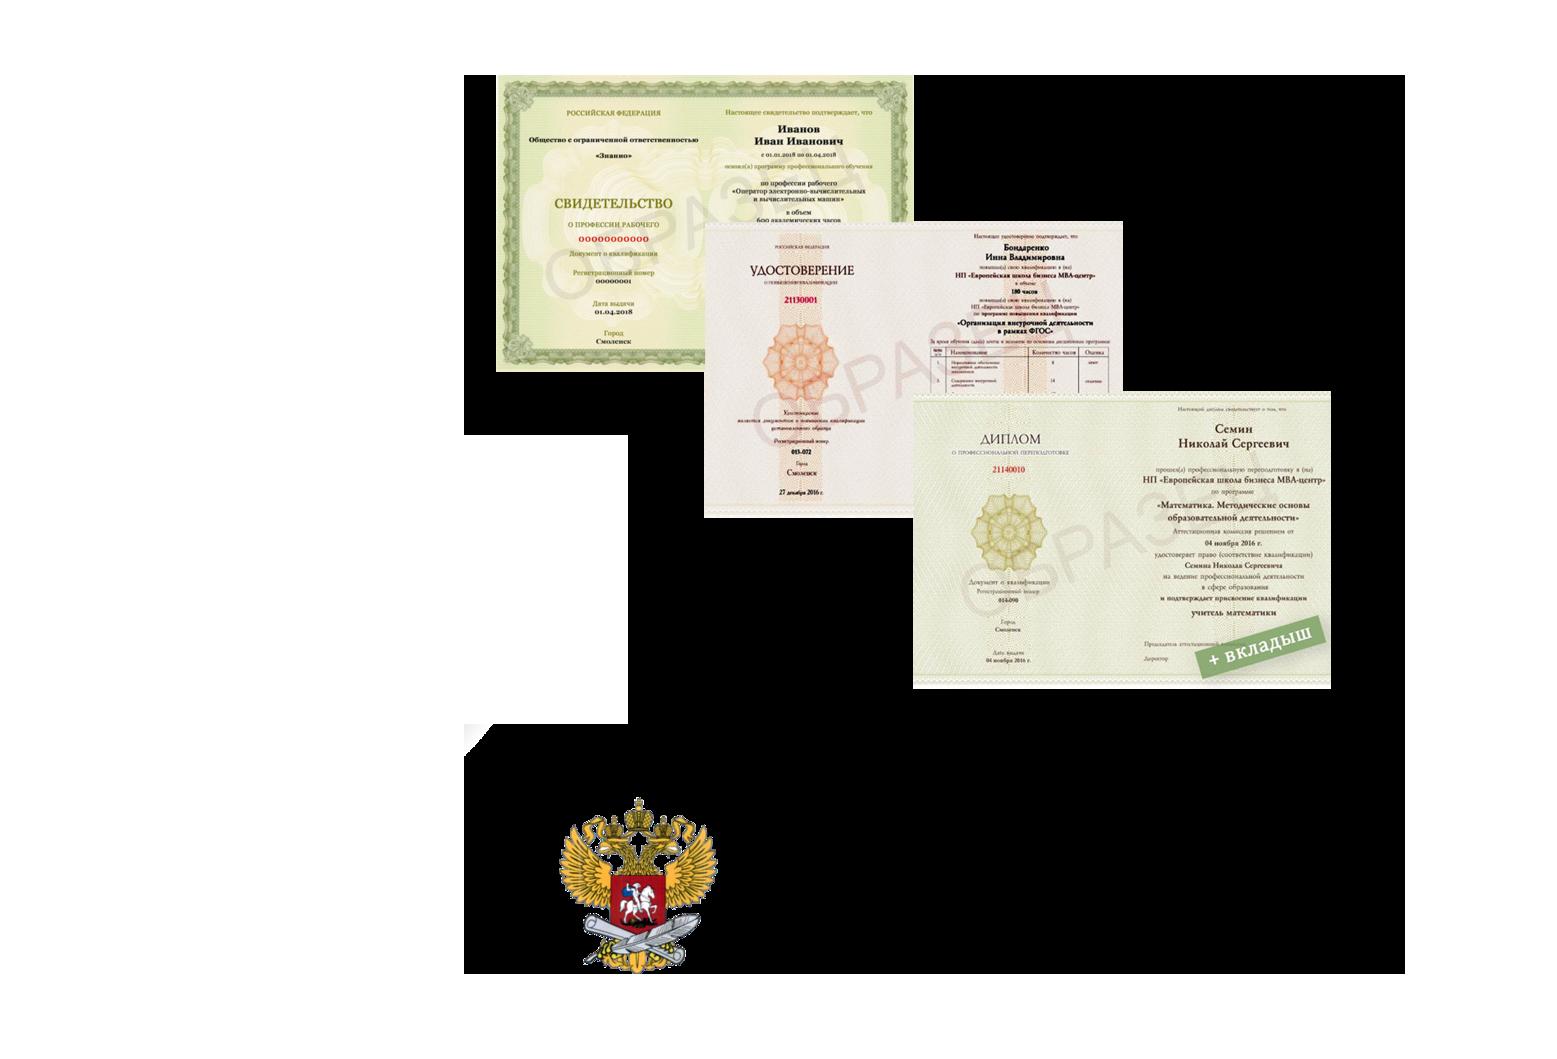 Шары + дипломы от ООО Знанио